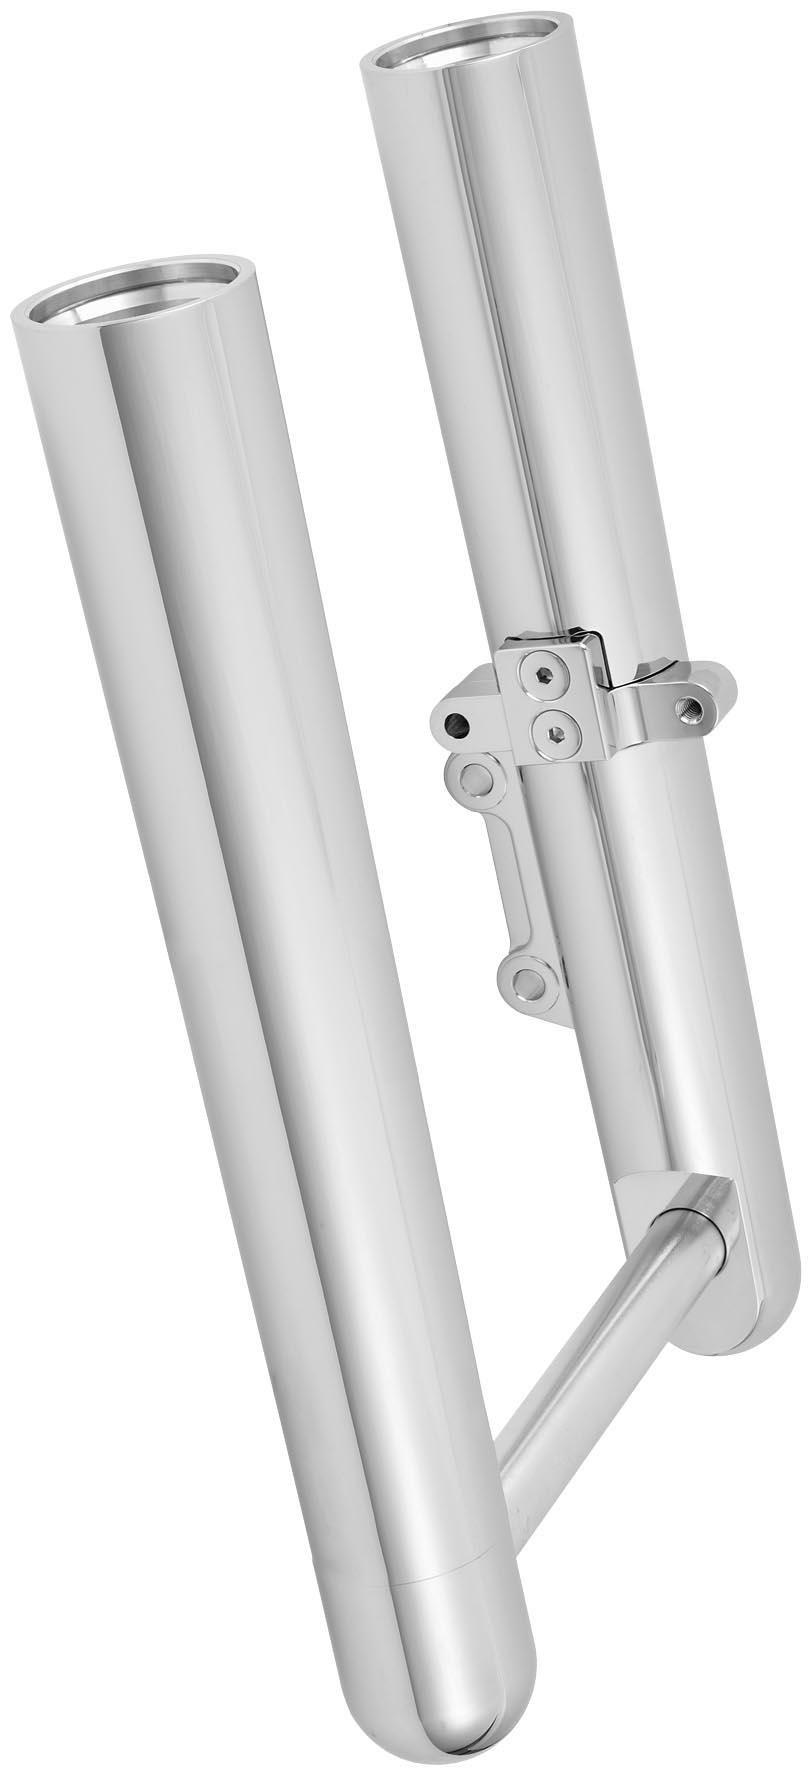 Arlen Ness 40-501 Chrome Hot Legs Fork Leg Set